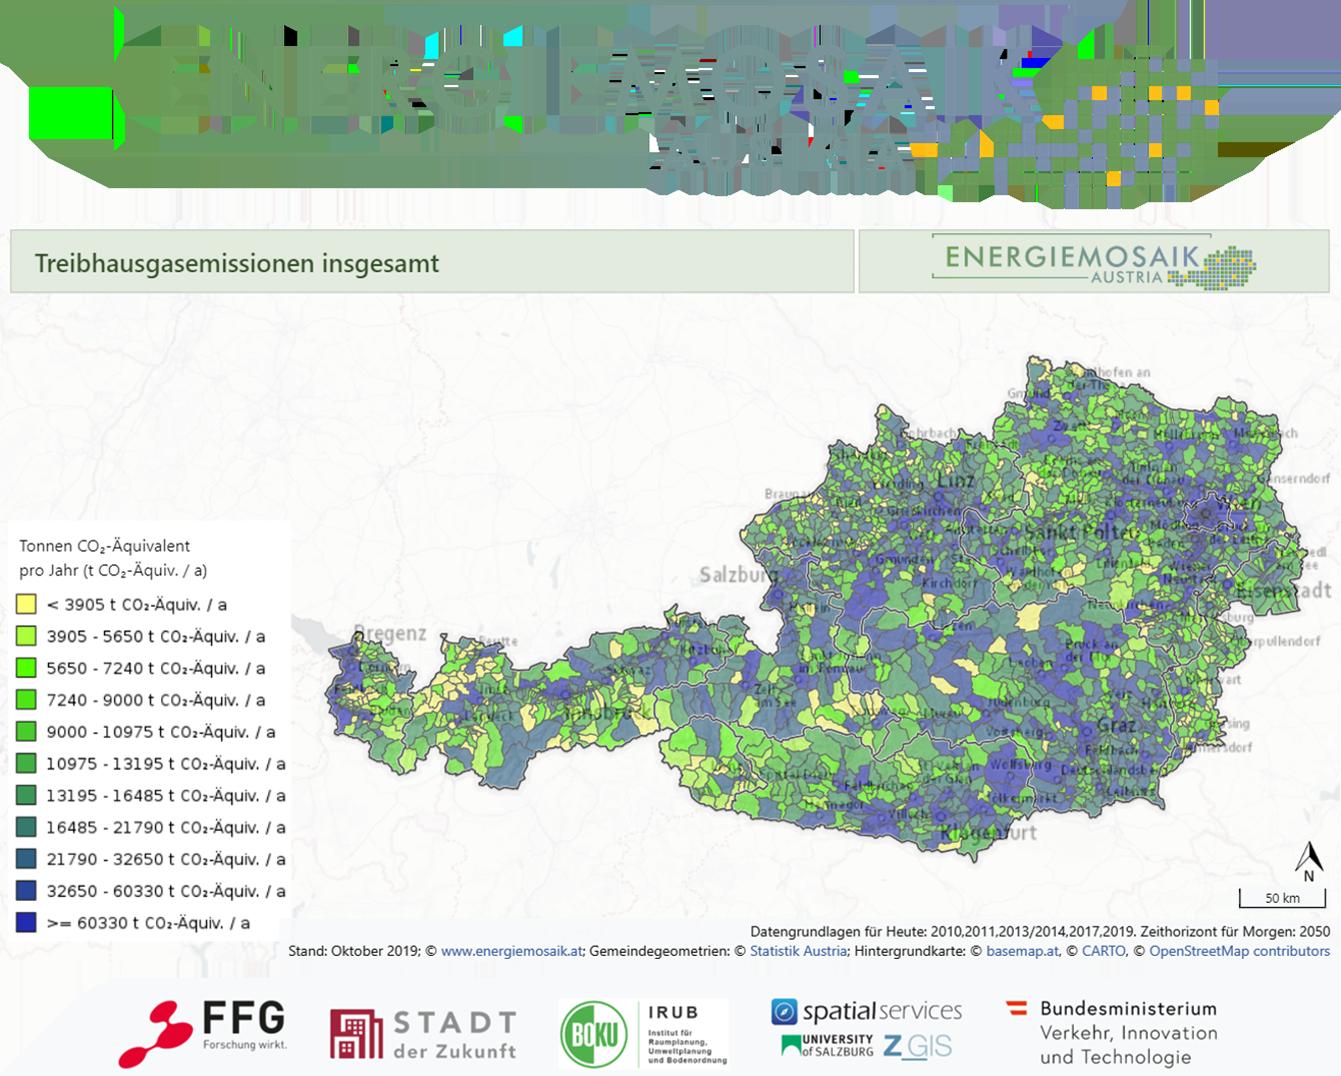 Treibhausgasemissionen der österreichischen Gemeinden